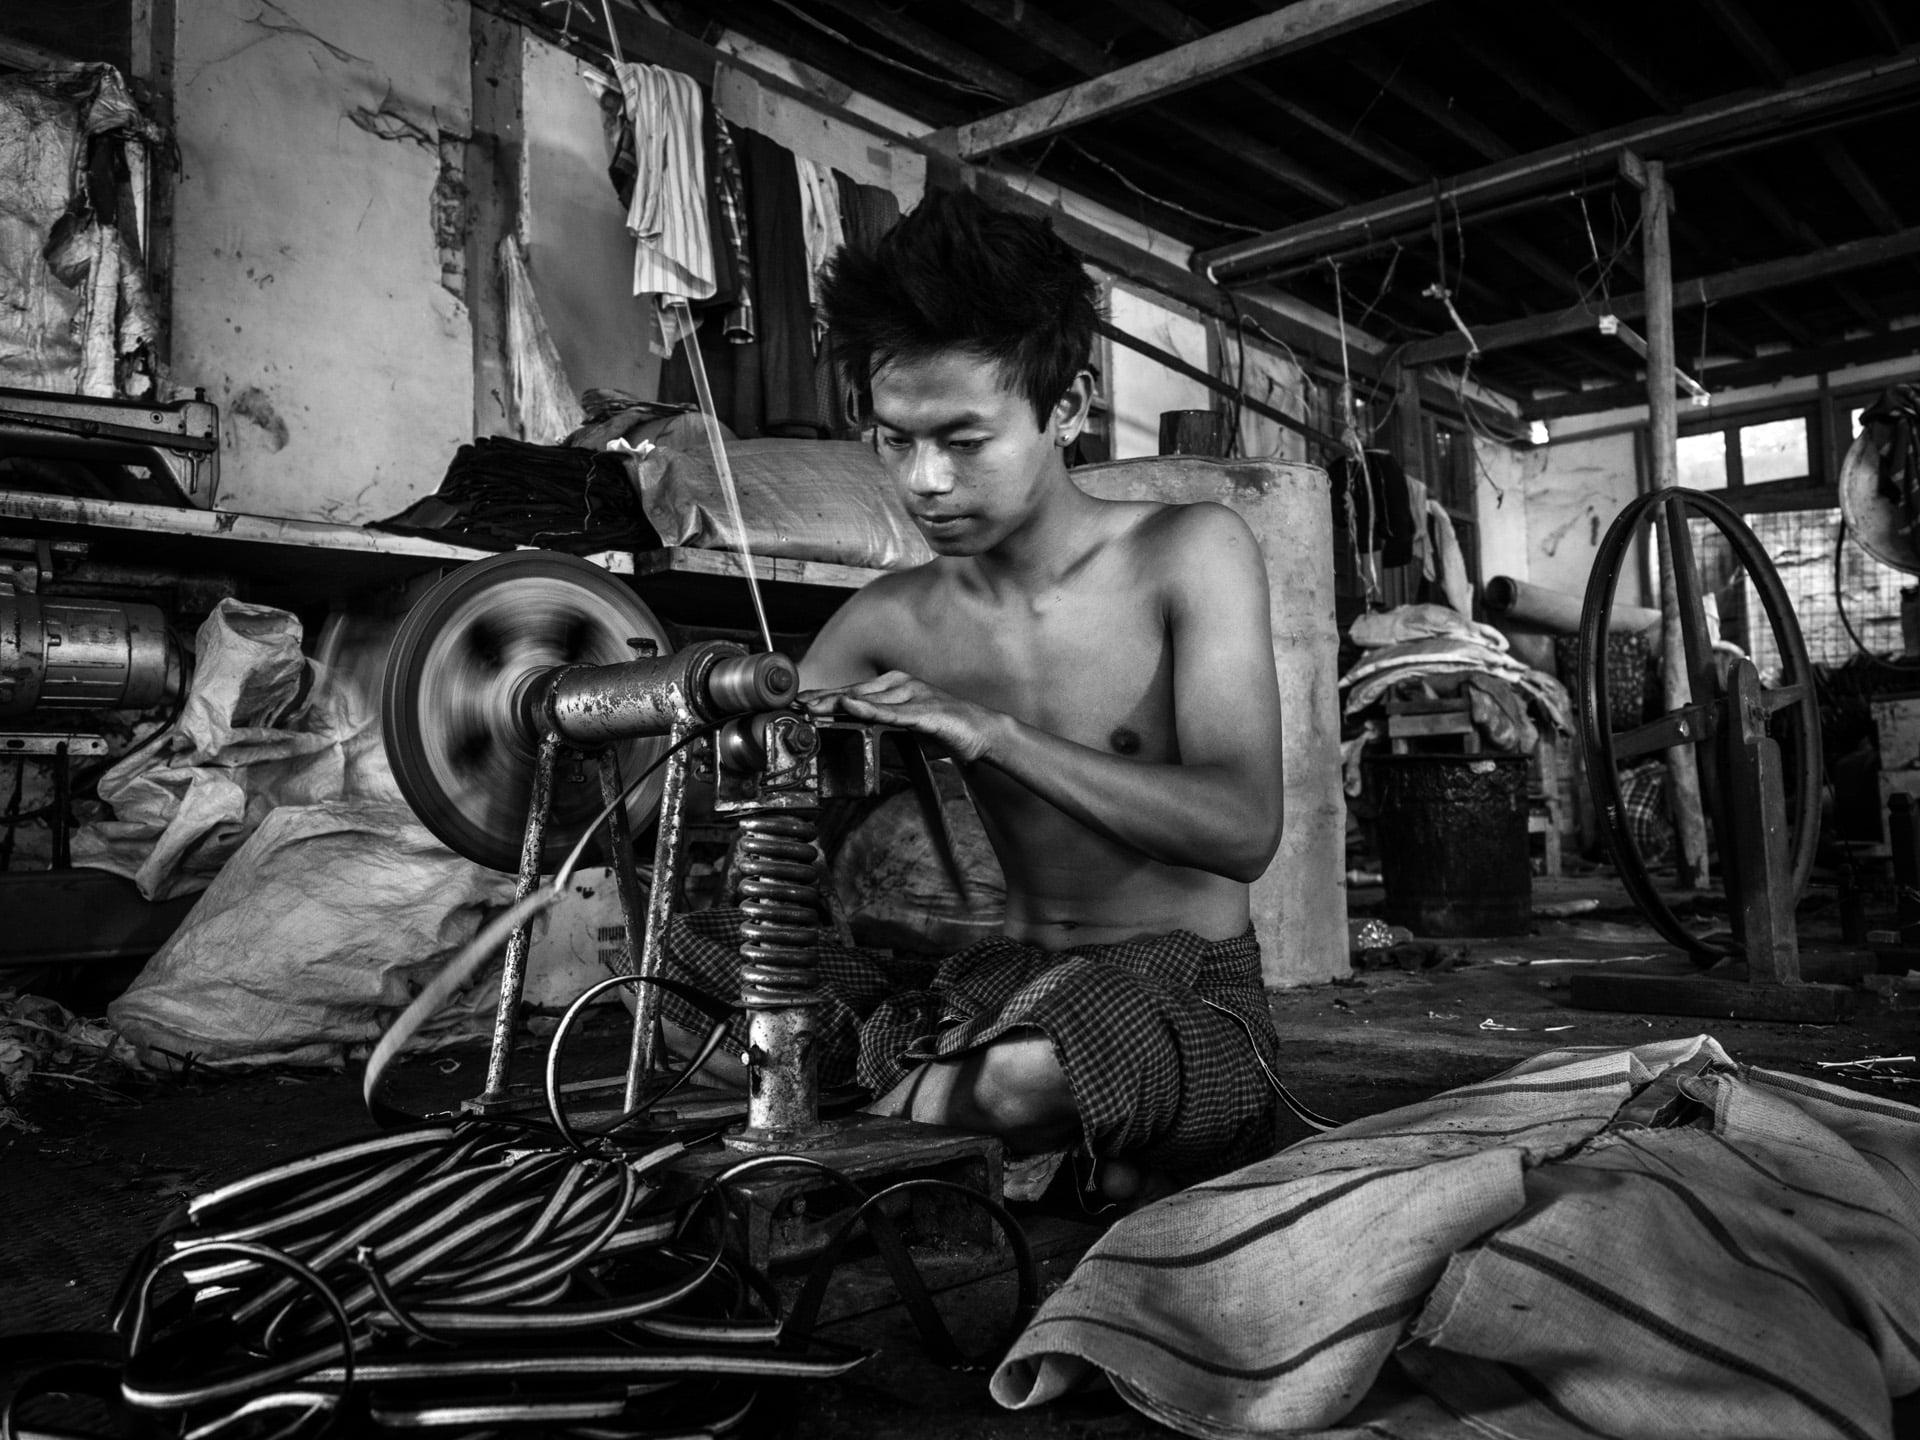 La fabbrica di Calzature di Marco Marcone